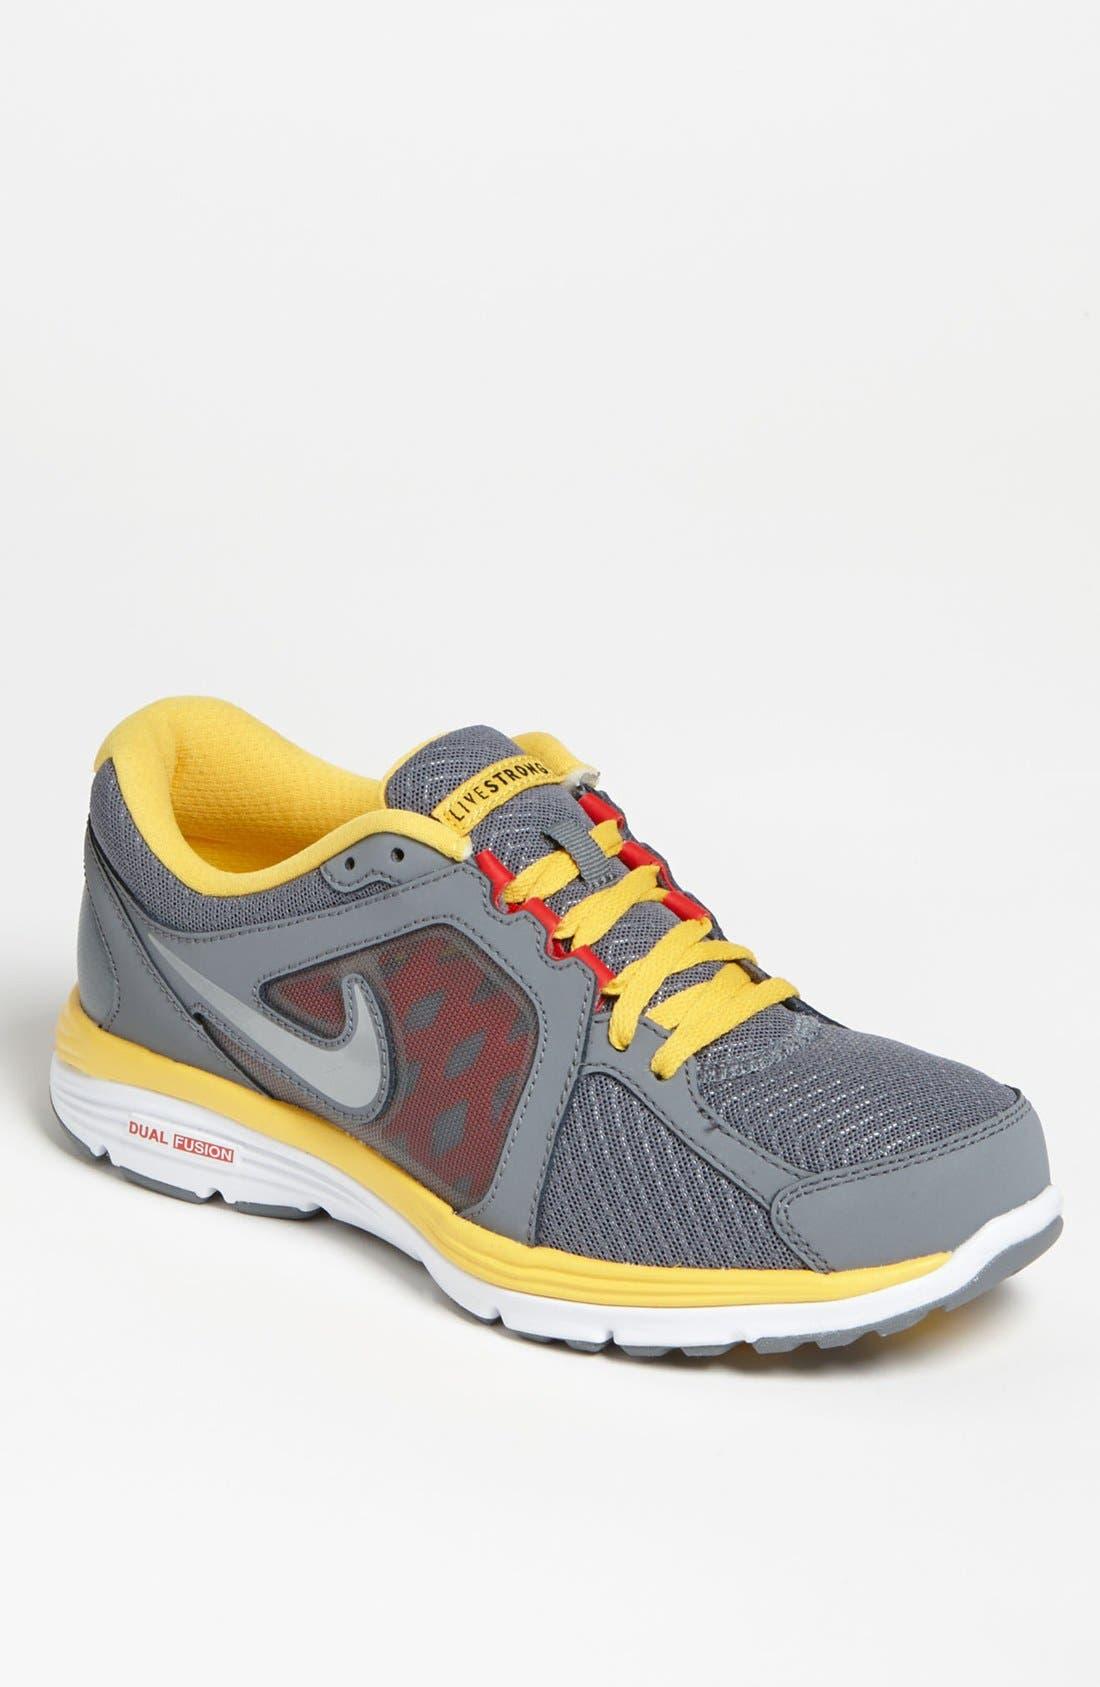 Main Image - Nike 'Dual Fusion Run Livestrong' Running Shoe (Men)